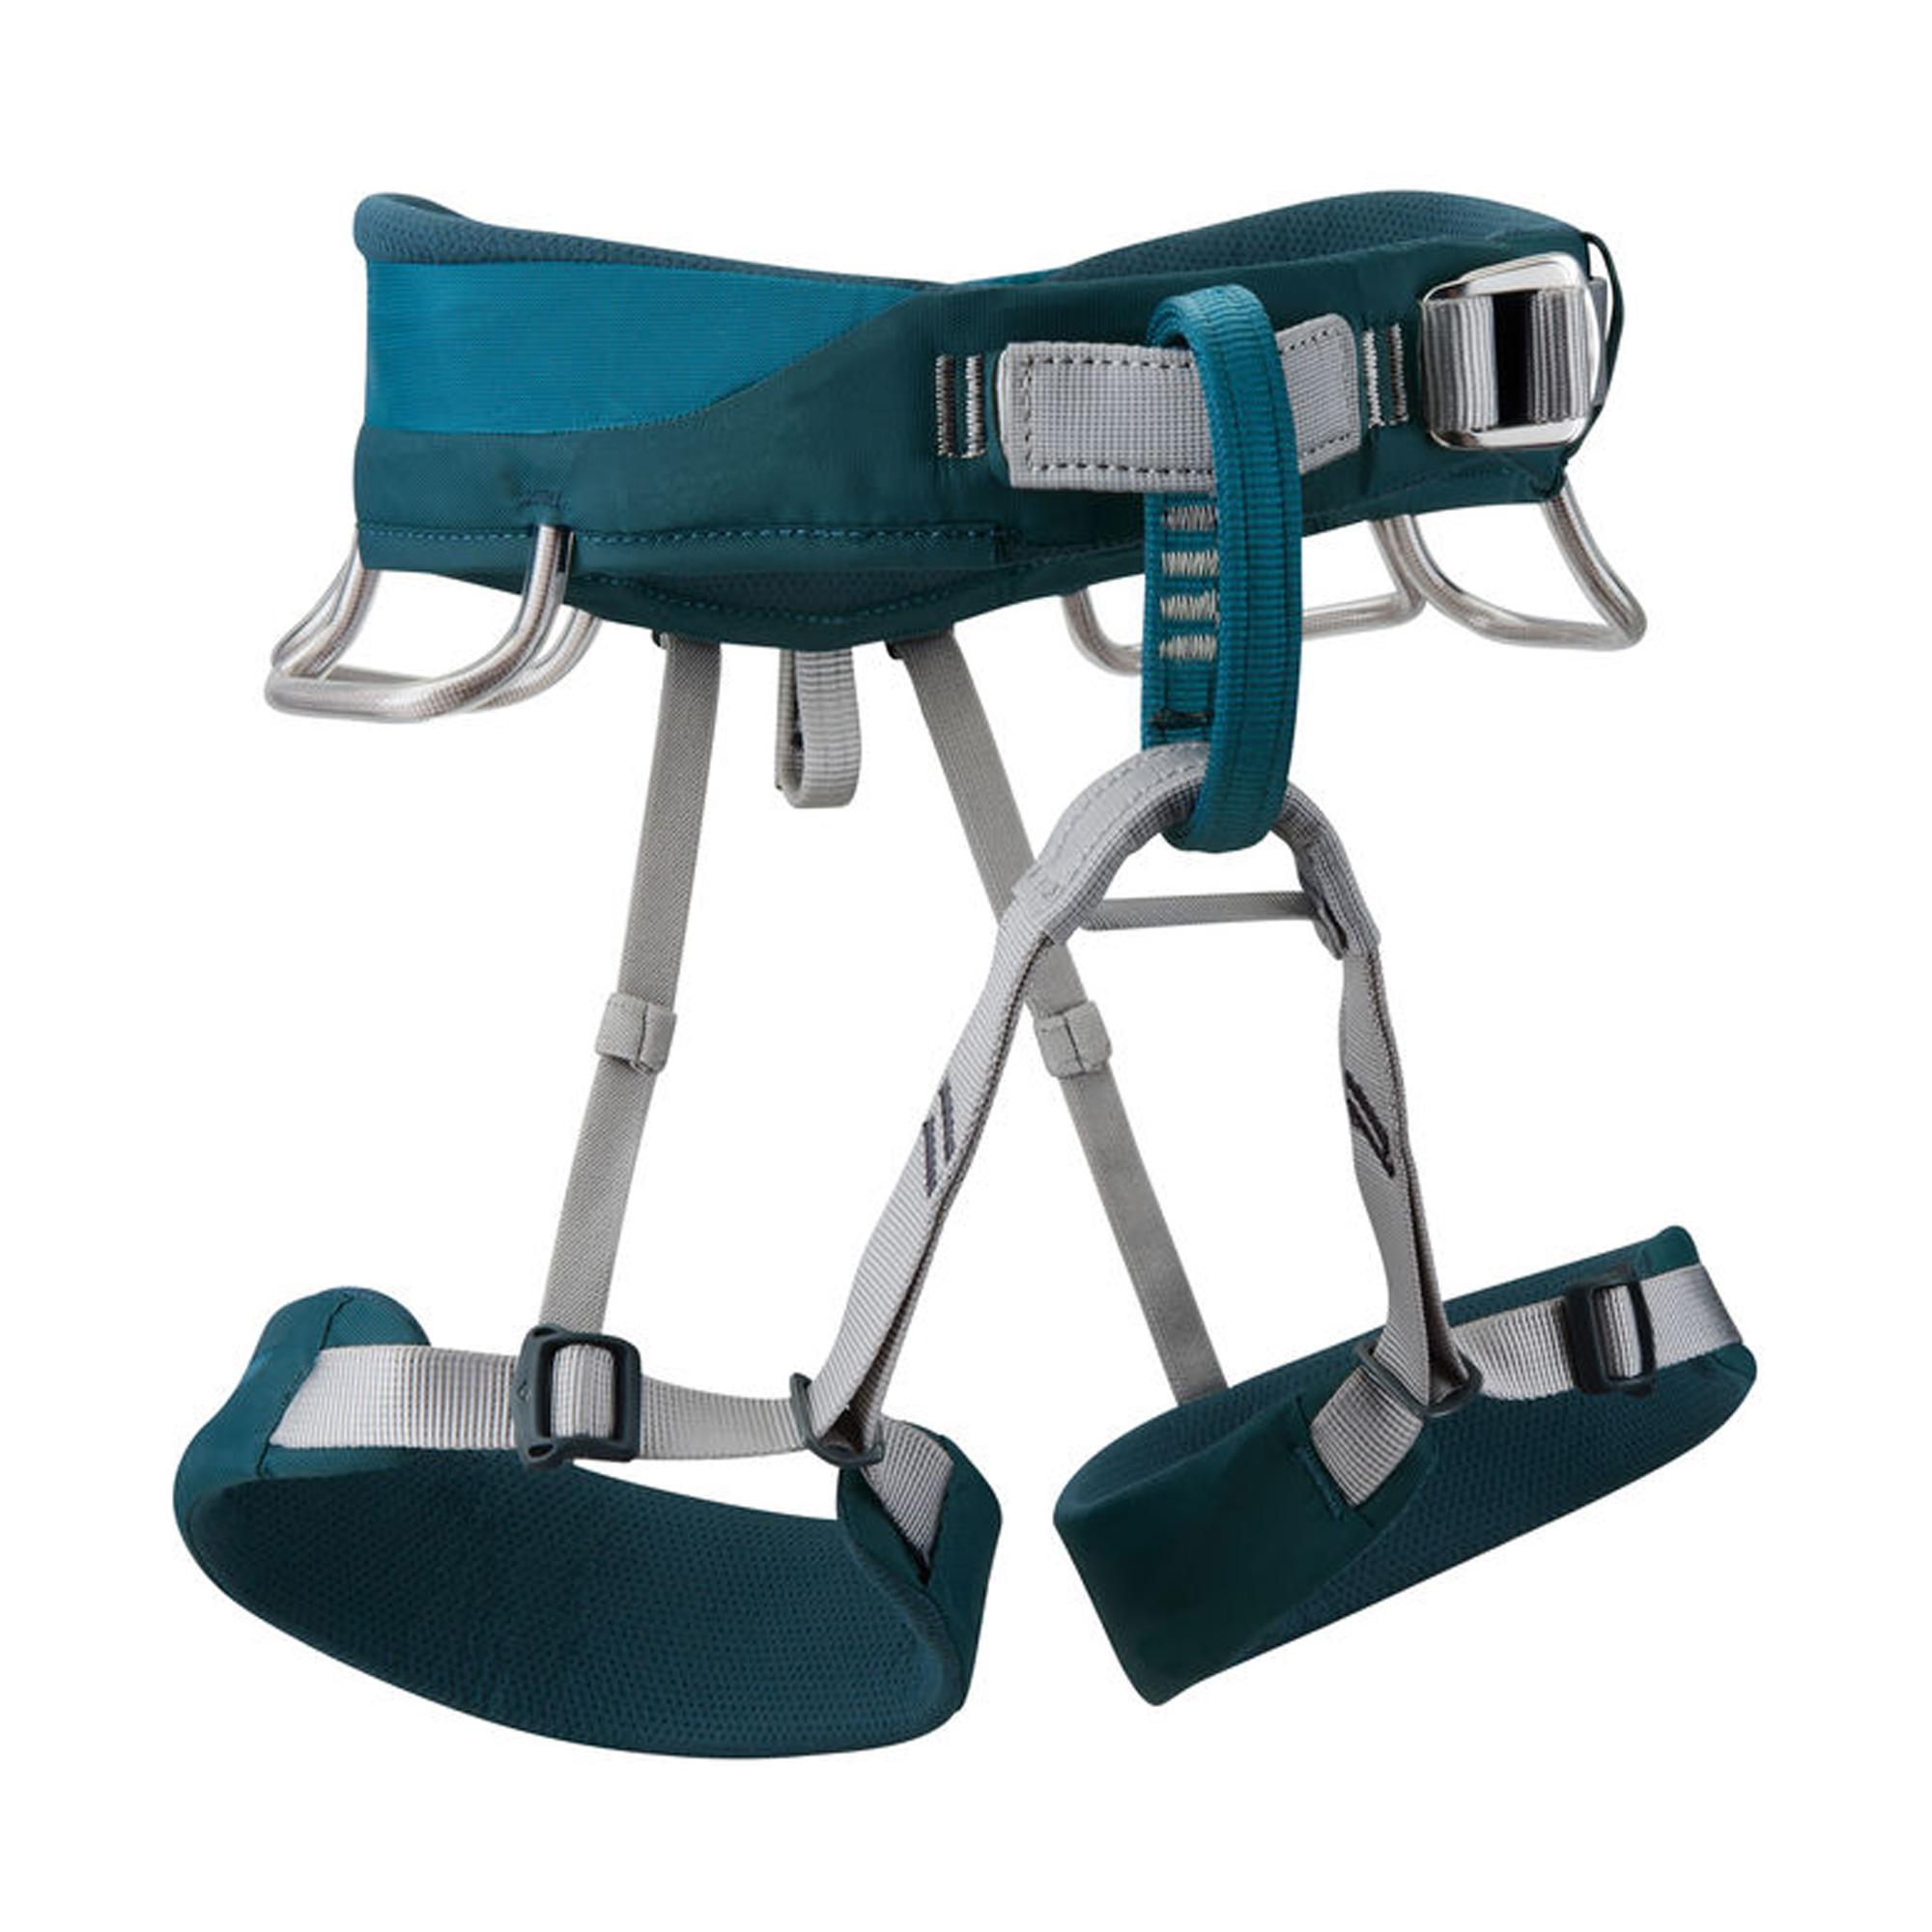 Обвязка BLACK DIAMOND Primrose Harness Moroccan Blue Страховочные системы (обвязки) 1330797  - купить со скидкой